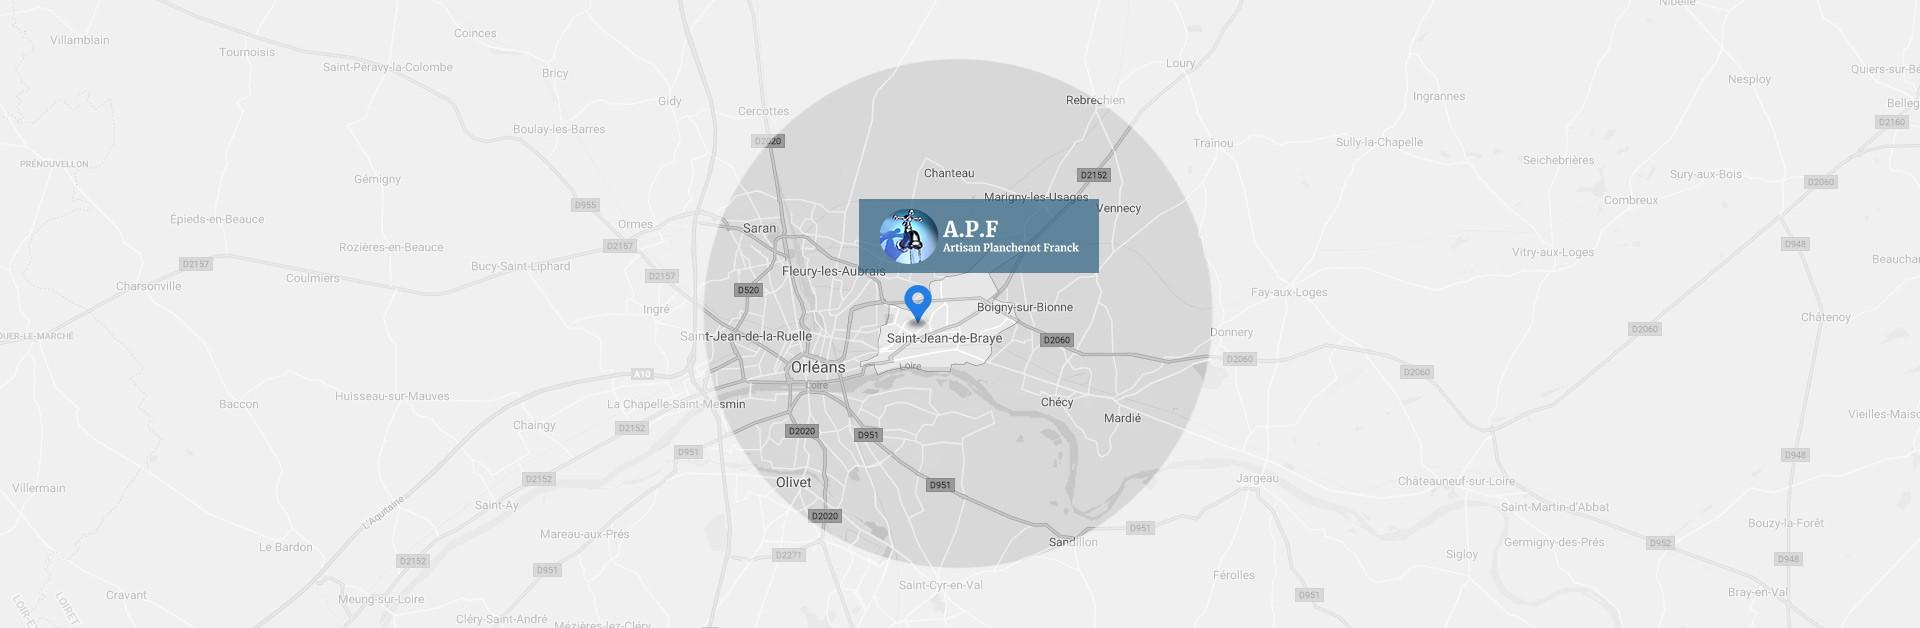 plombier qualifié, est à votre disposition dans le secteur est d'Orléans. | Artisan Planchenot Franck